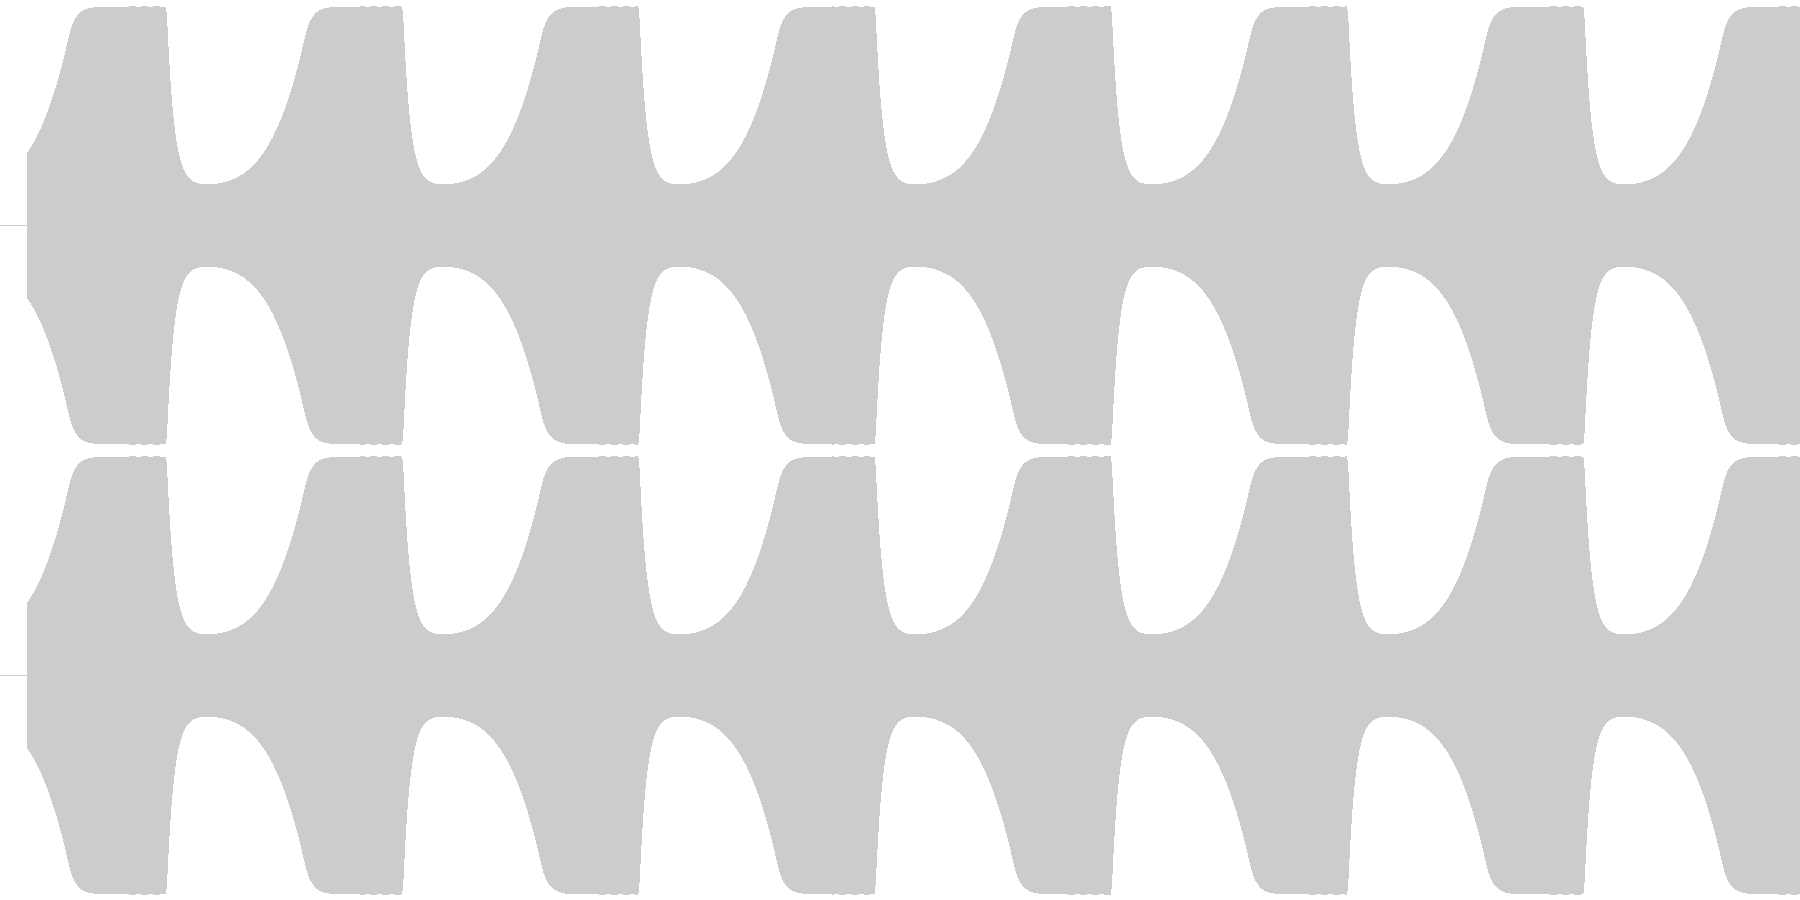 ゲームテキスト効果音A-5(低め 短い)の未再生の波形